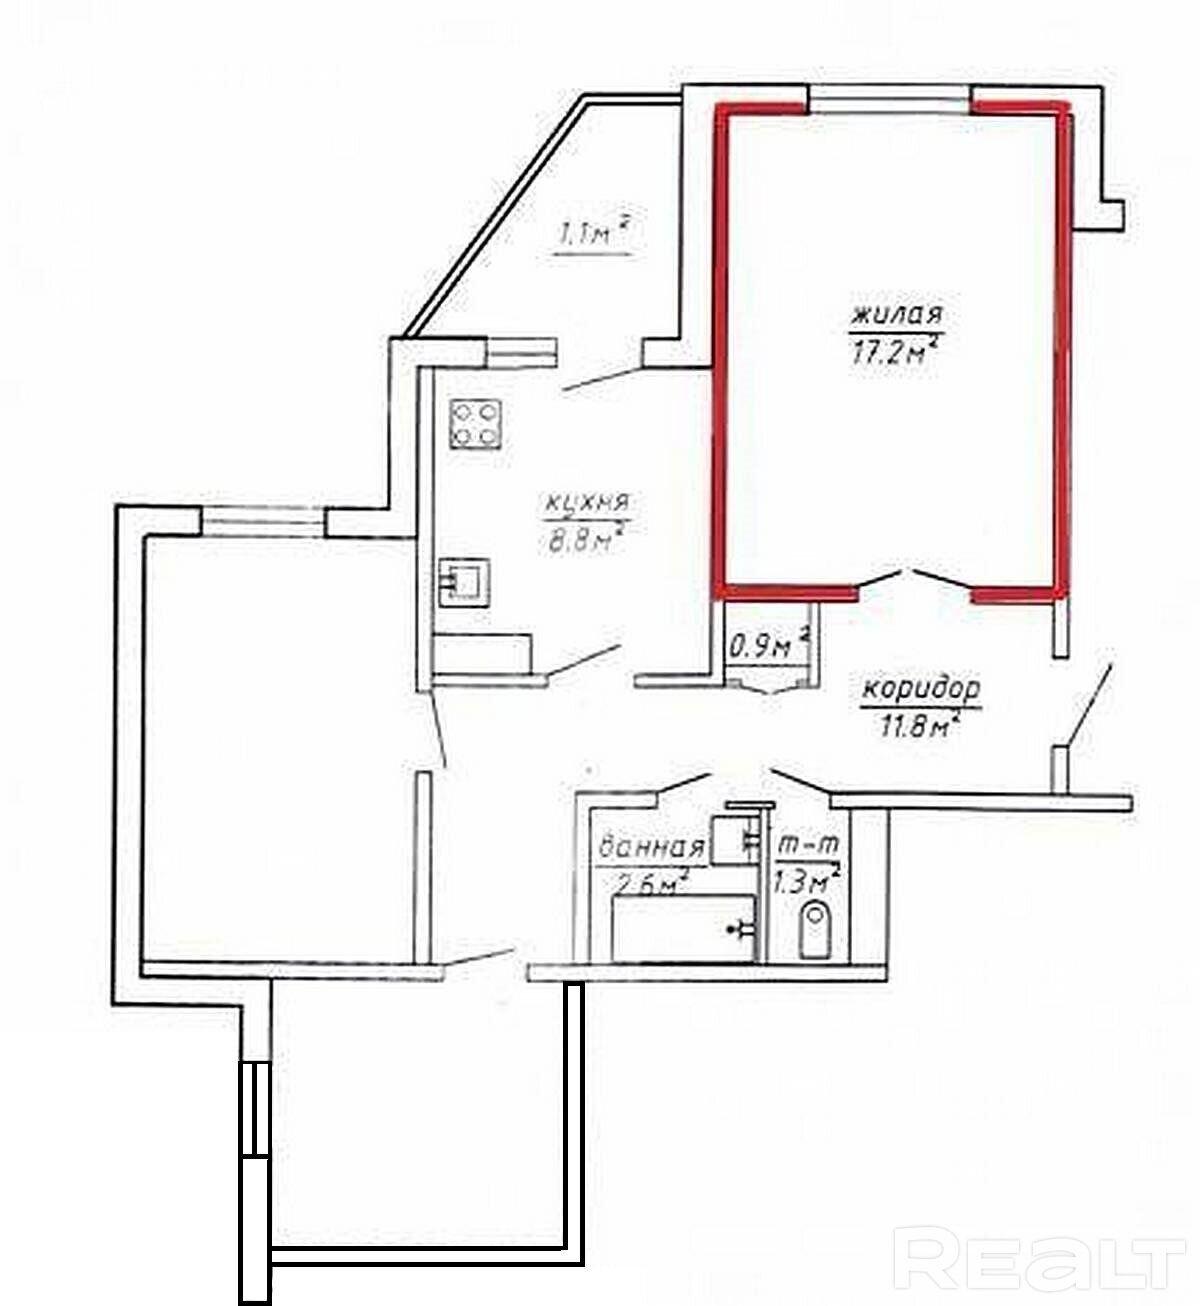 Продается комната в 3-х комнатной квартире, Гродно - фото №3